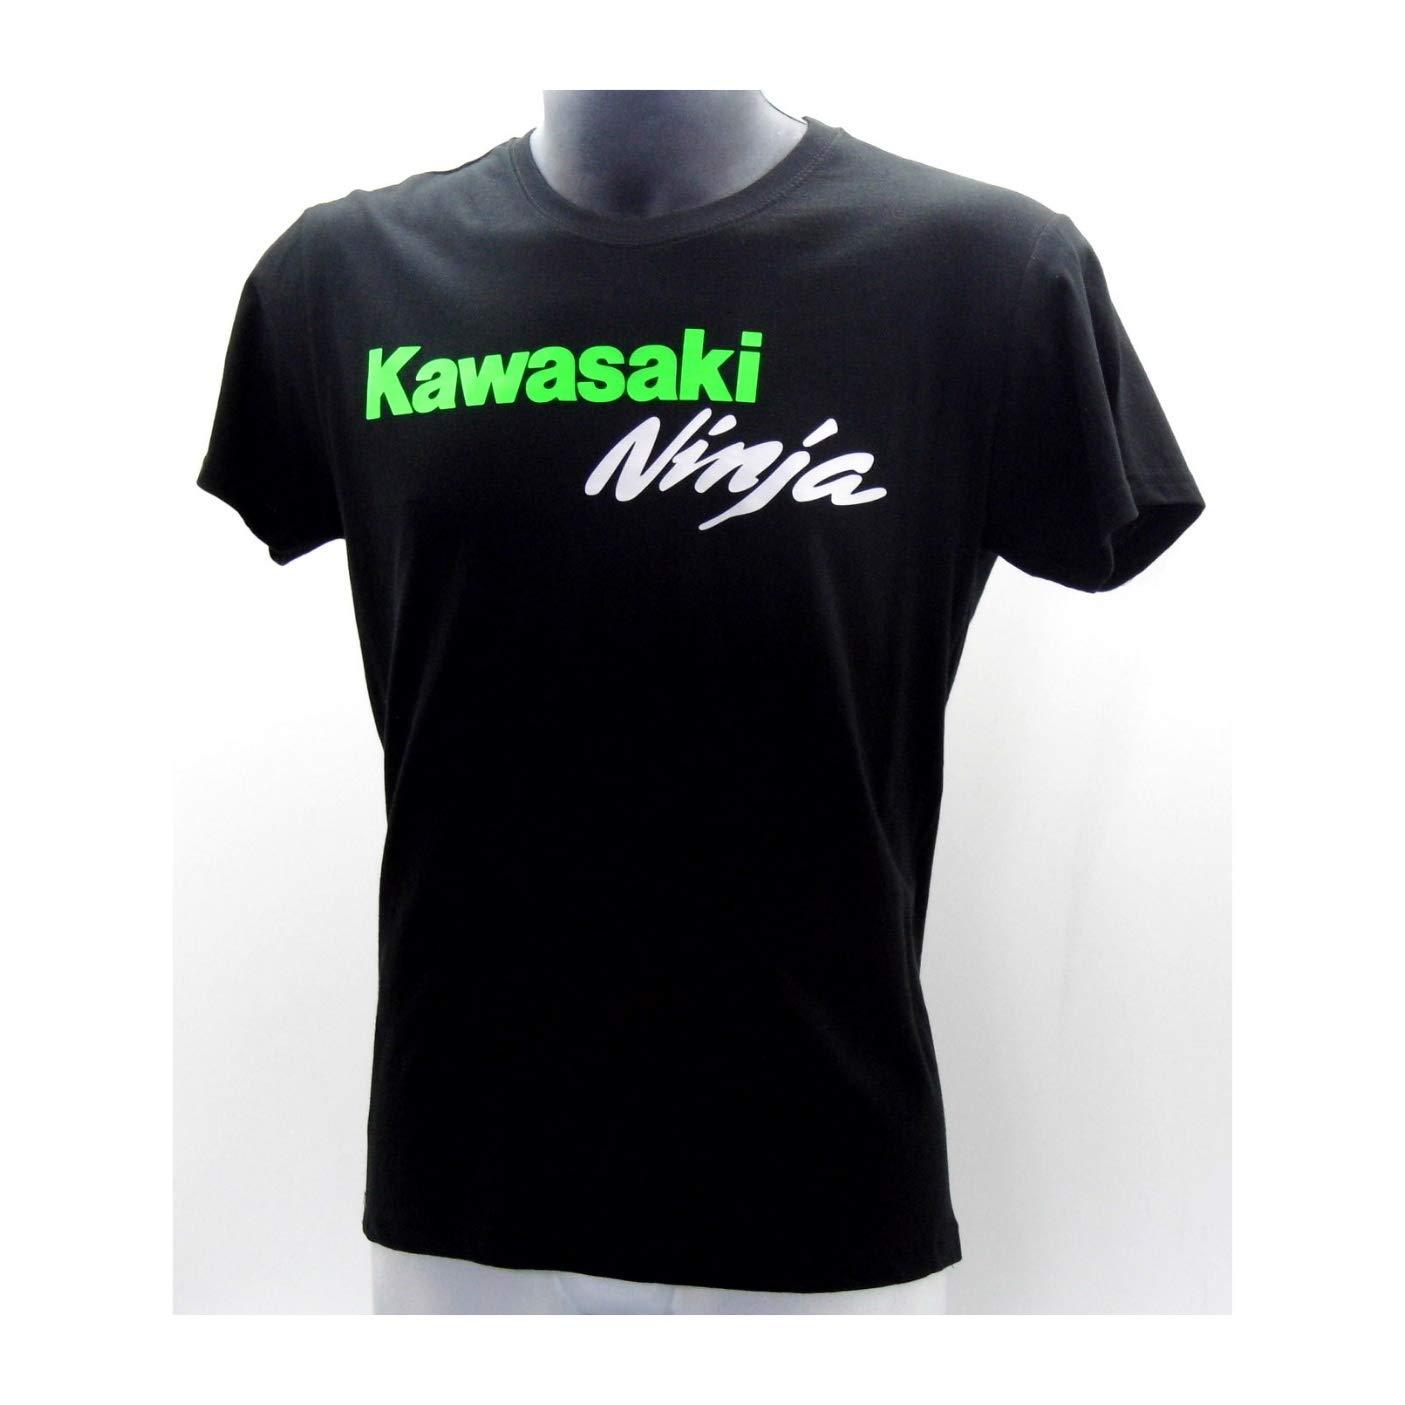 ALOBA Camiseta Kawasaki Ninja, Fabricado y enviado Desde ...